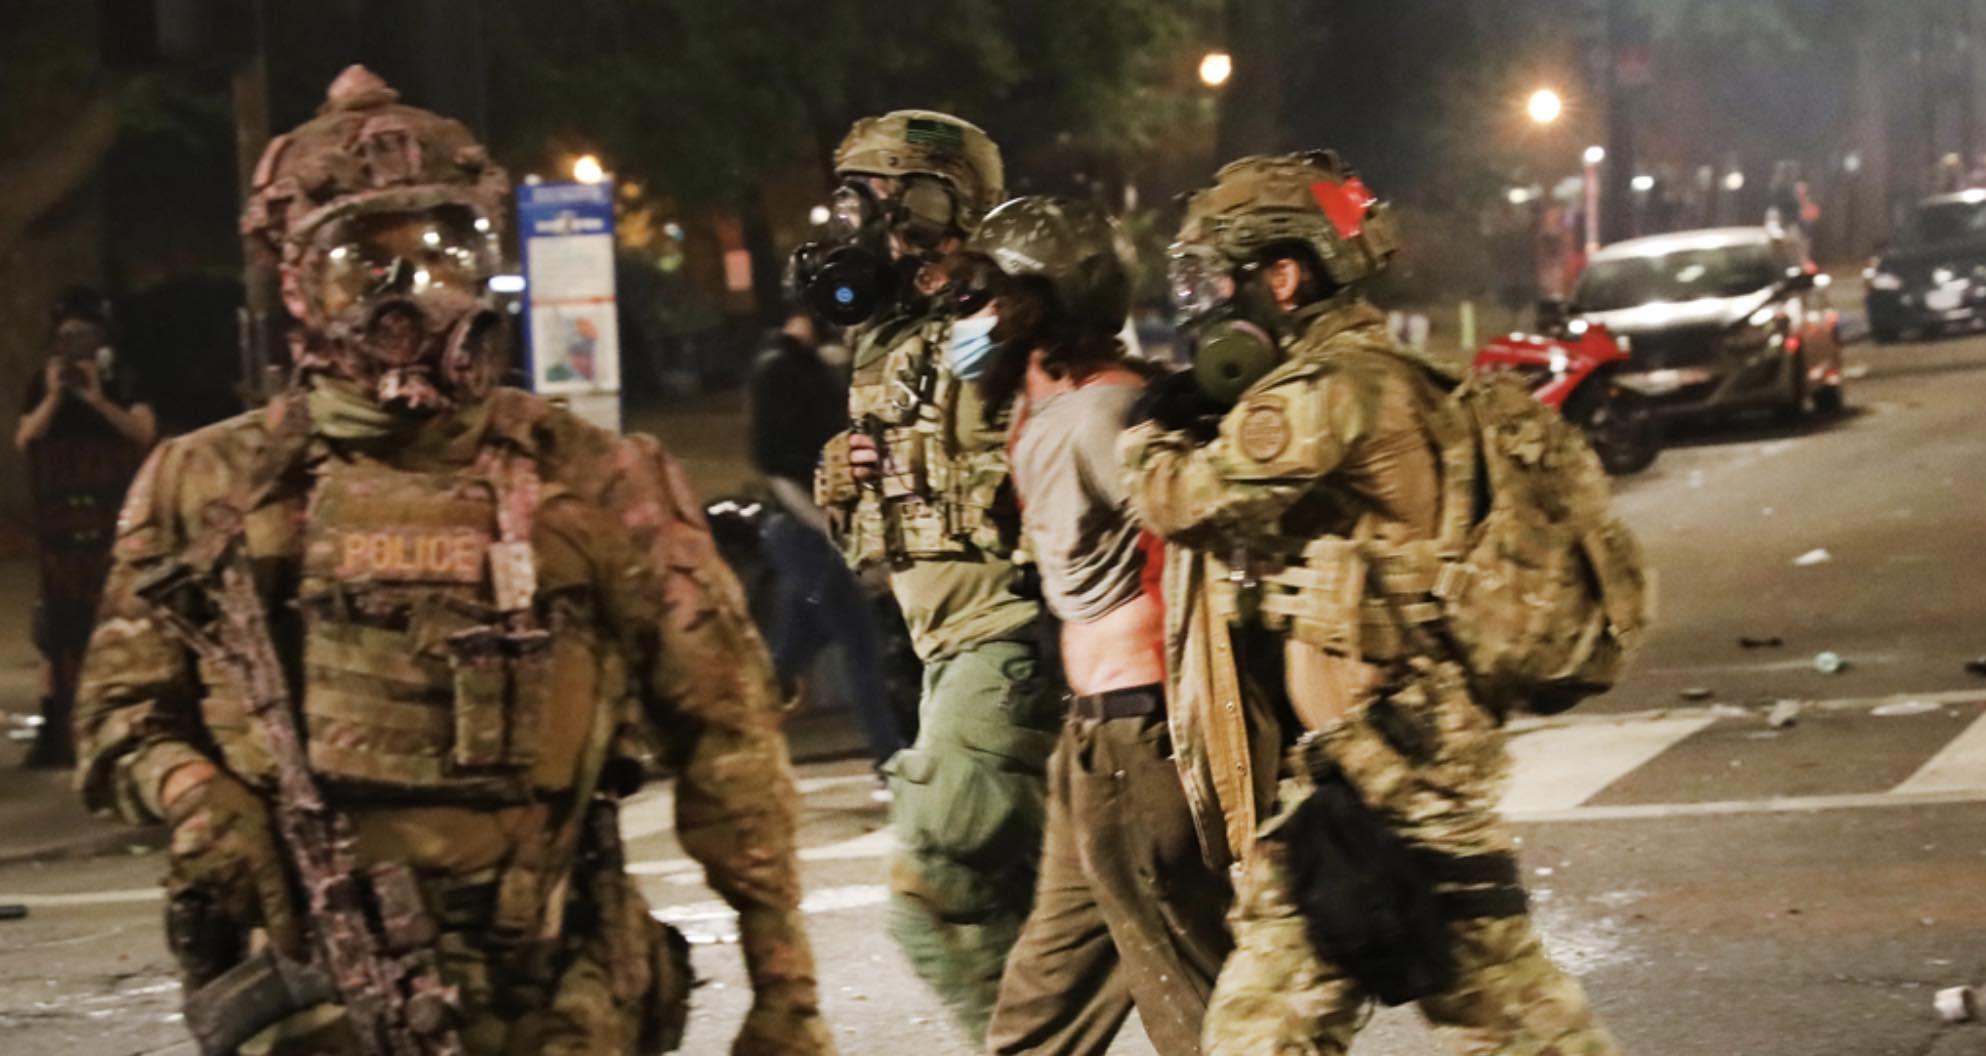 Estados Unidos, Izquierda, Violencia, Antifa, Black Lives Matter